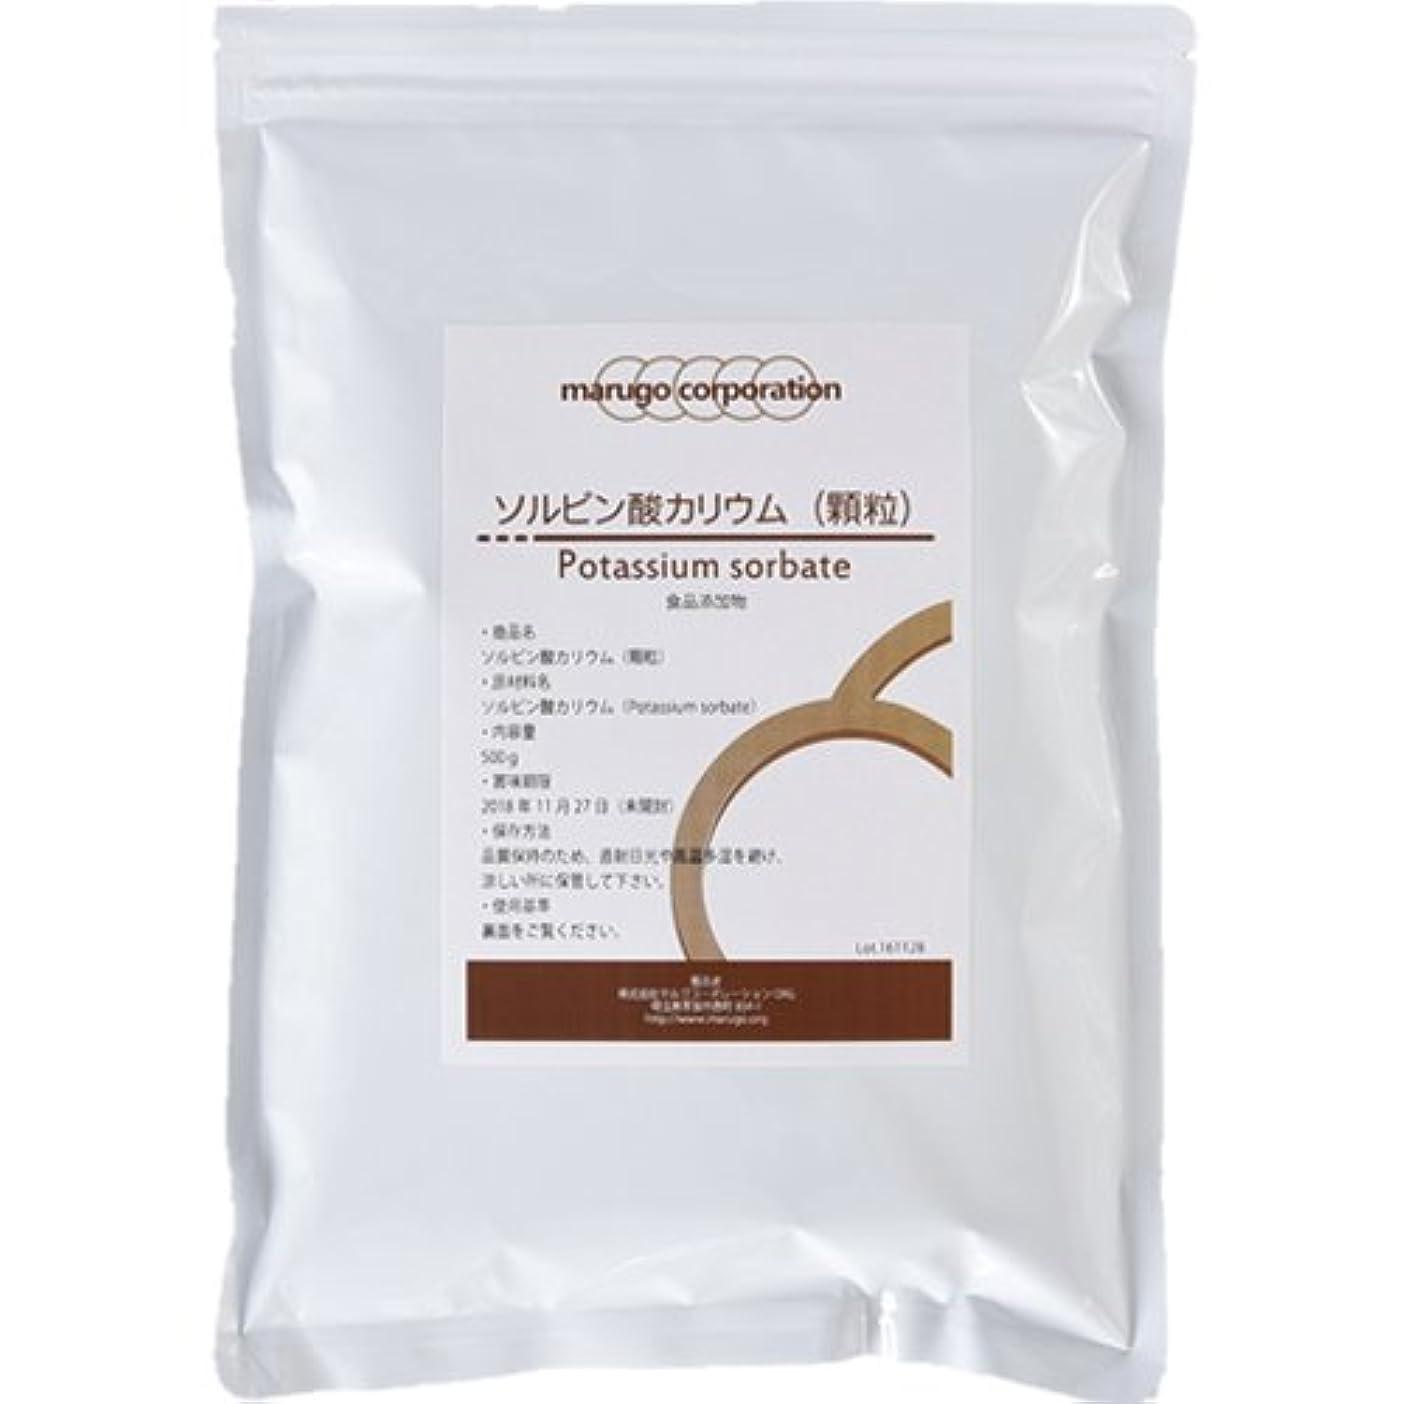 ミッションジョージエリオット選ぶアルギン酸ナトリウム 食品添加物グレード(食品) (50g)